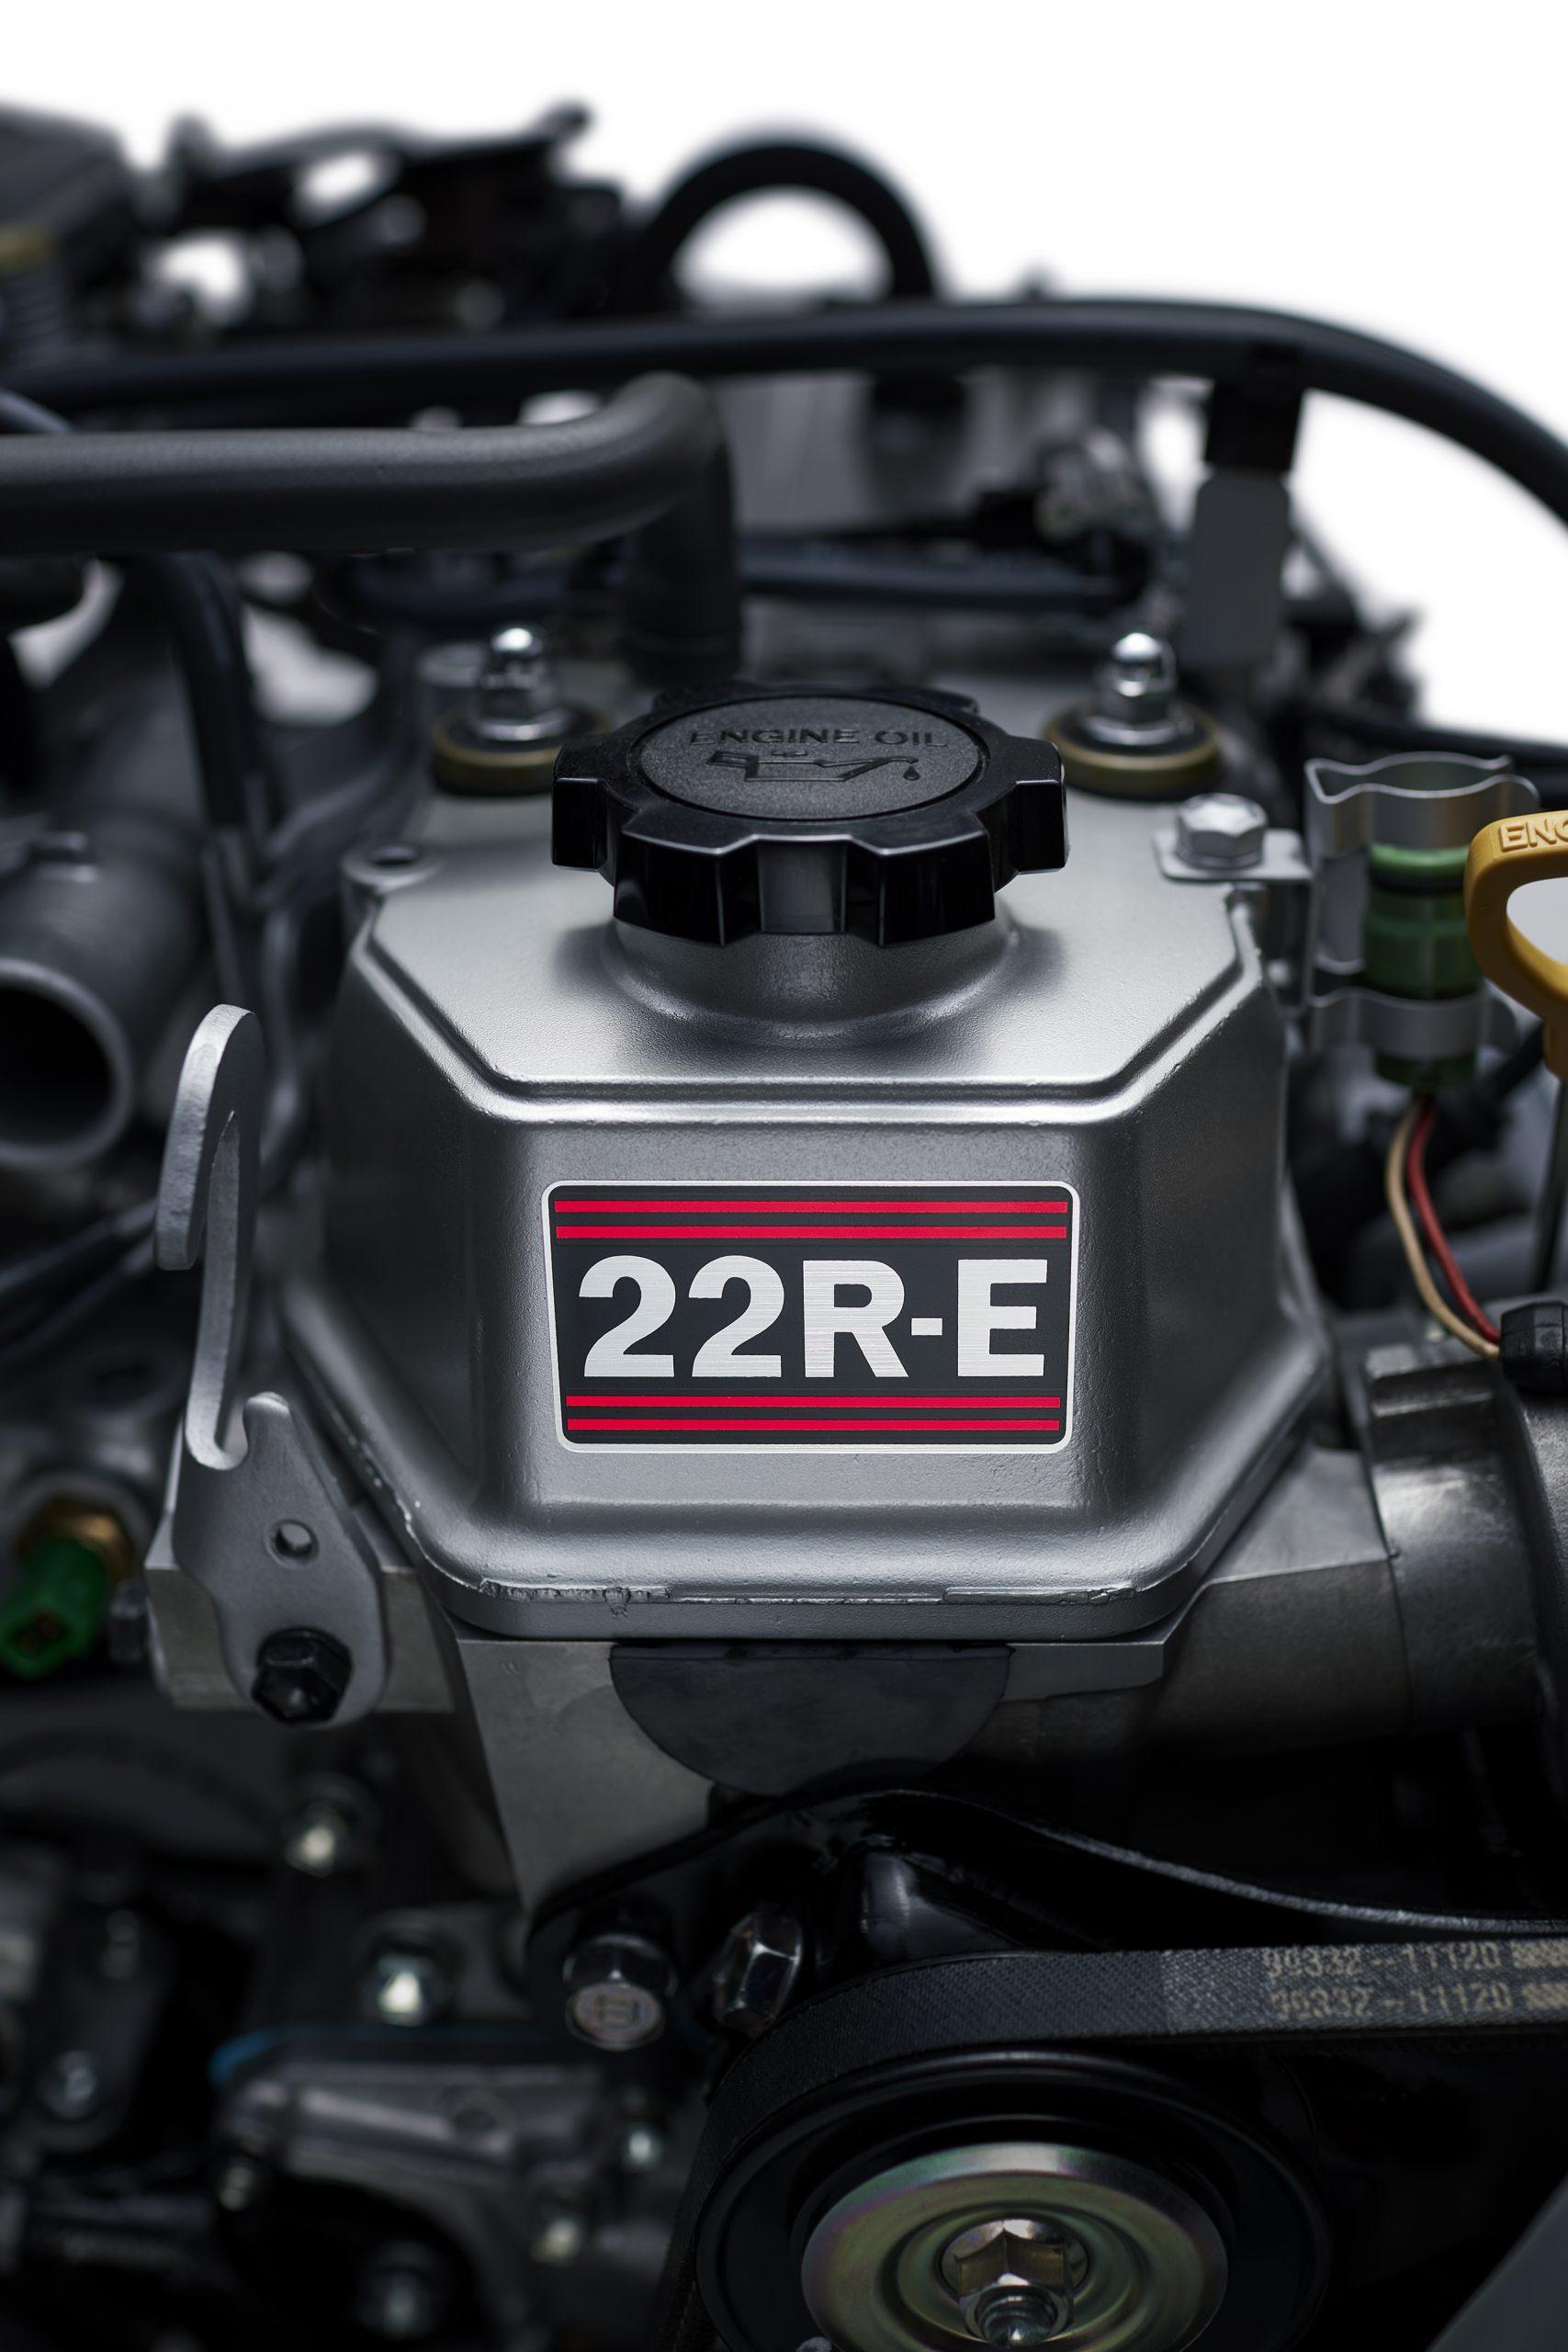 toyota 22R E engine sticker